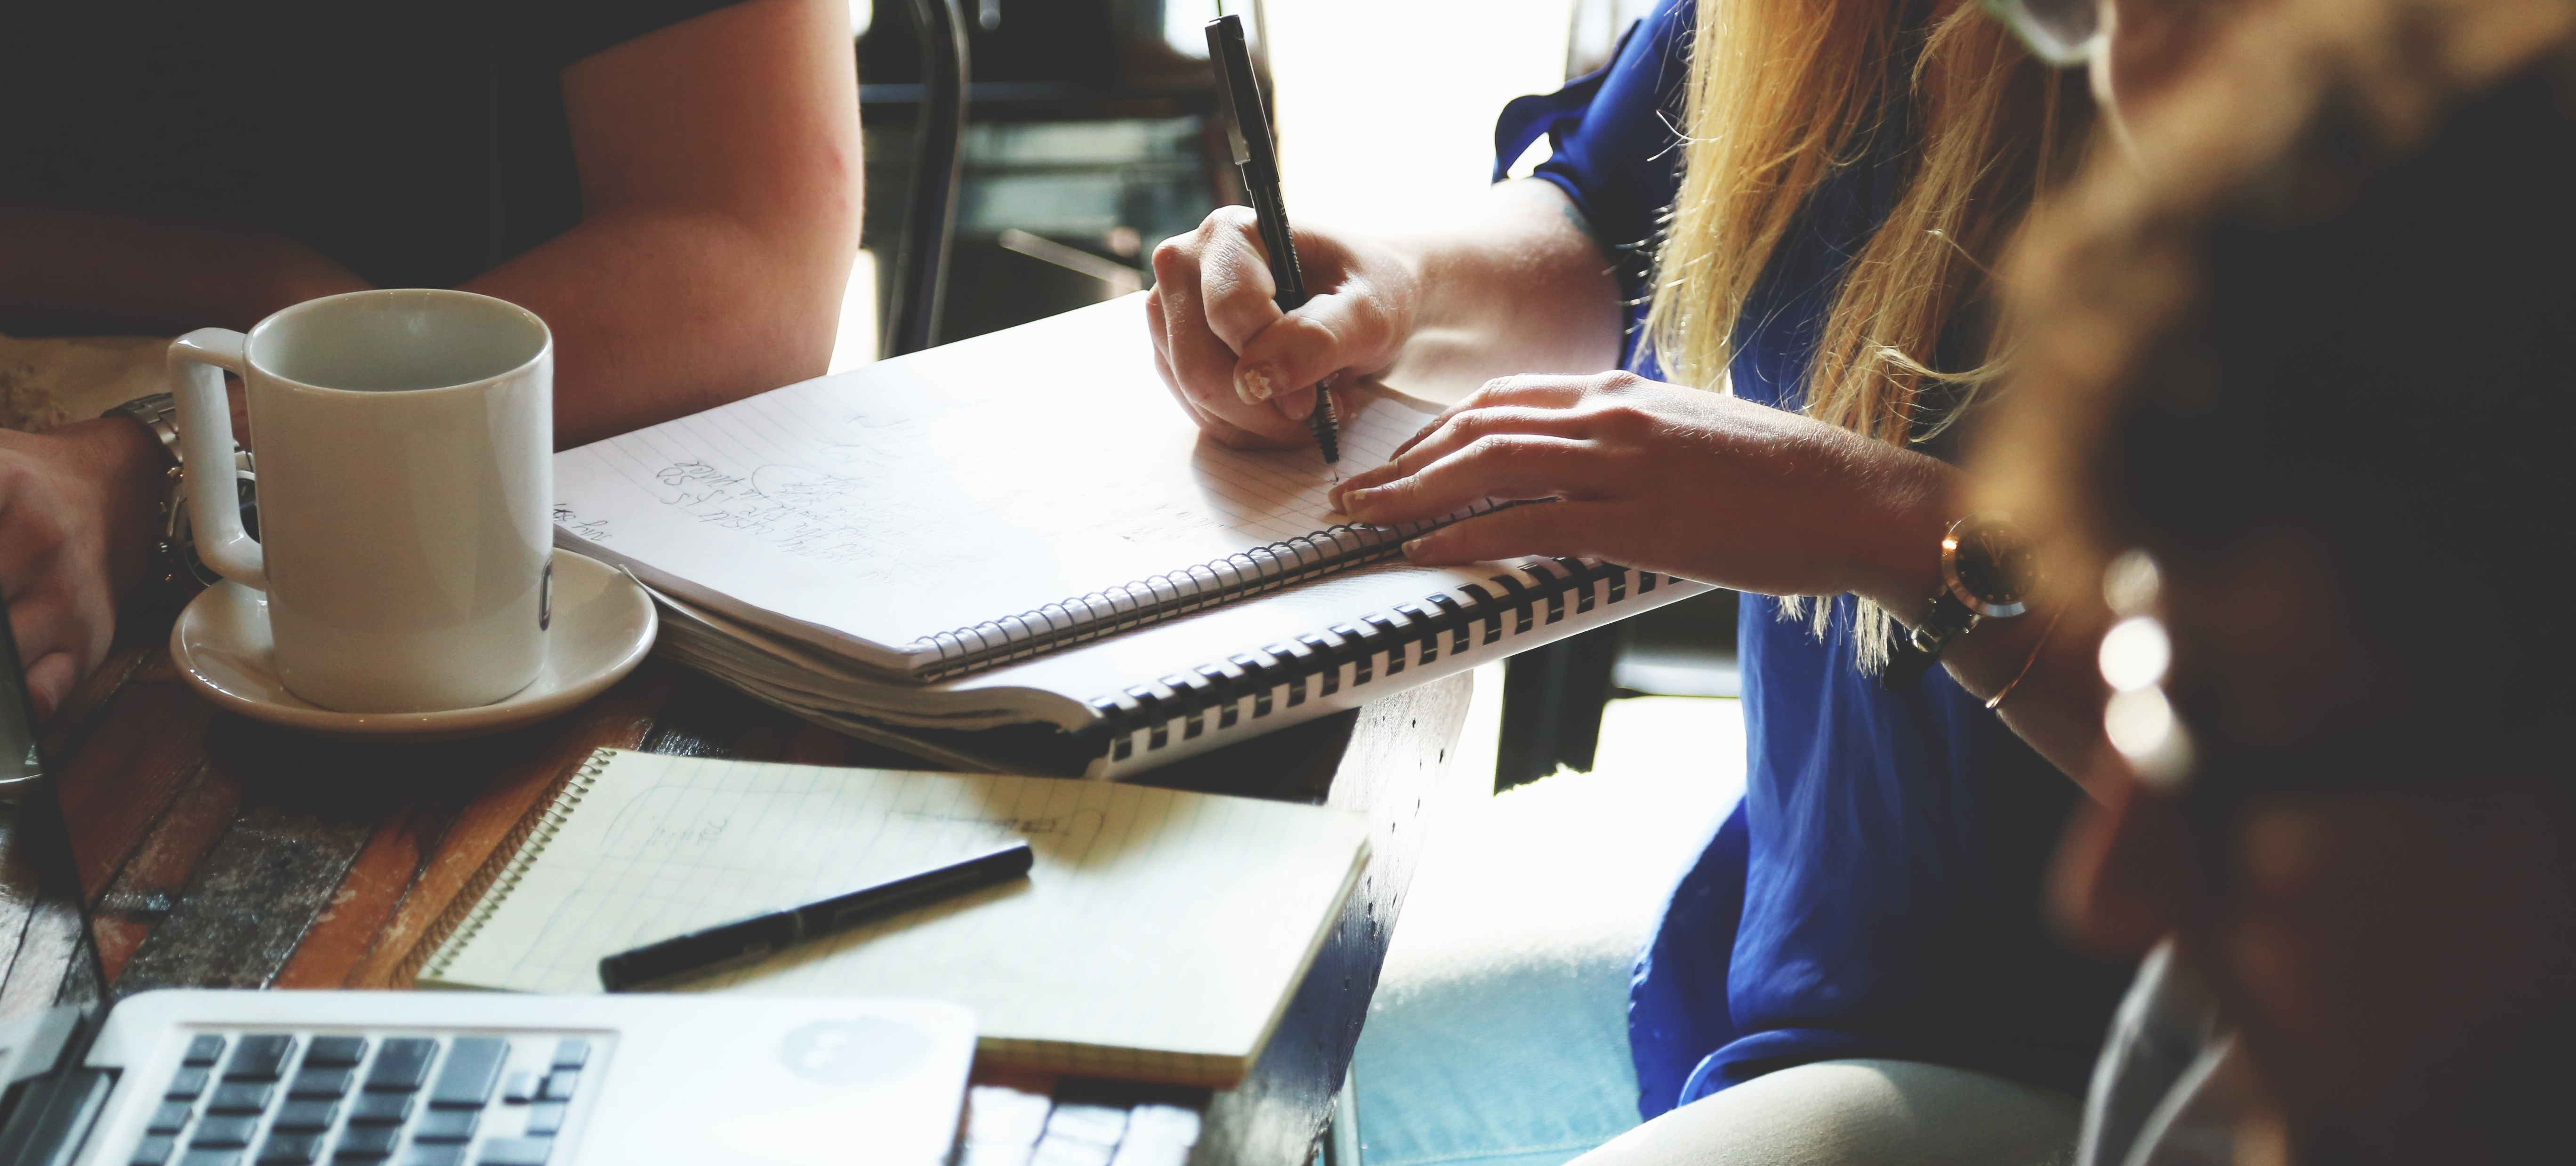 people-woman-coffee-meeting-751533-edited.jpg